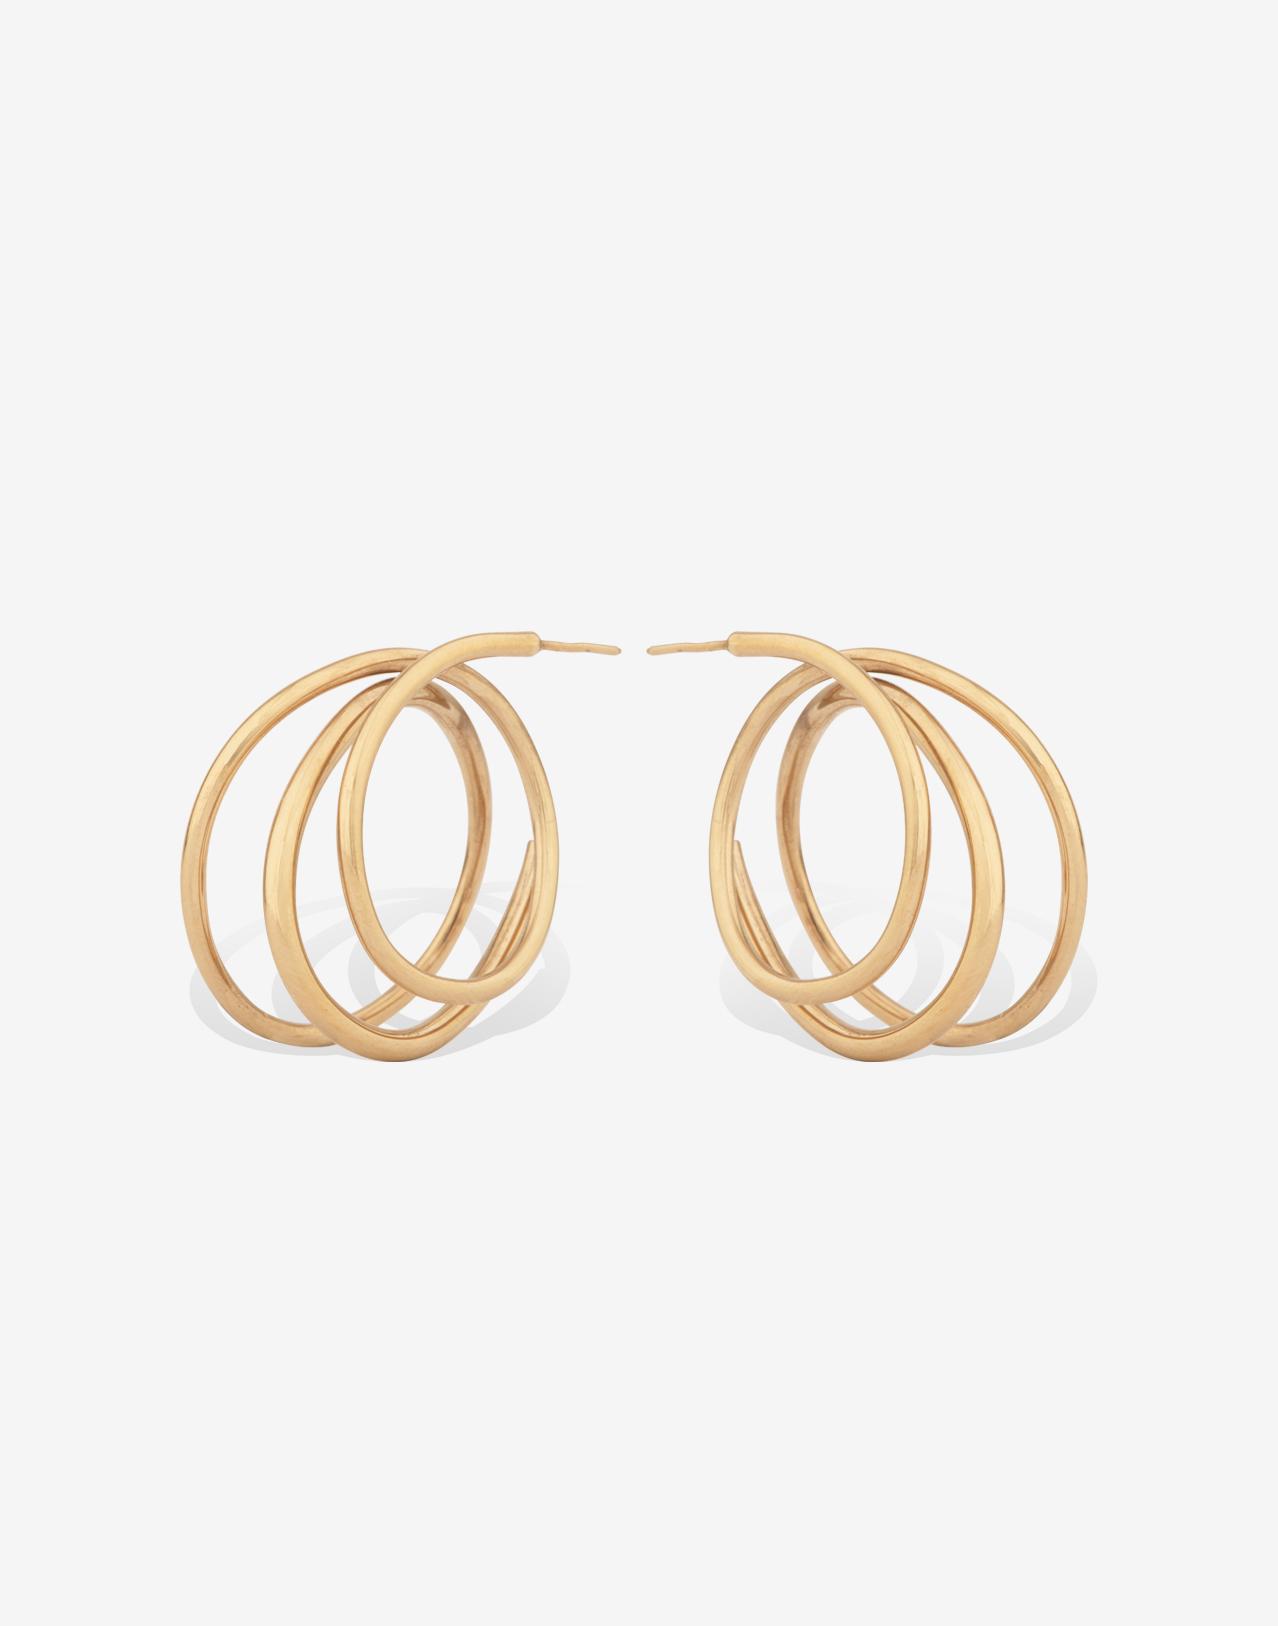 Completedworks-jewellery-S1010-PAIR-Earring-1-2.jpg